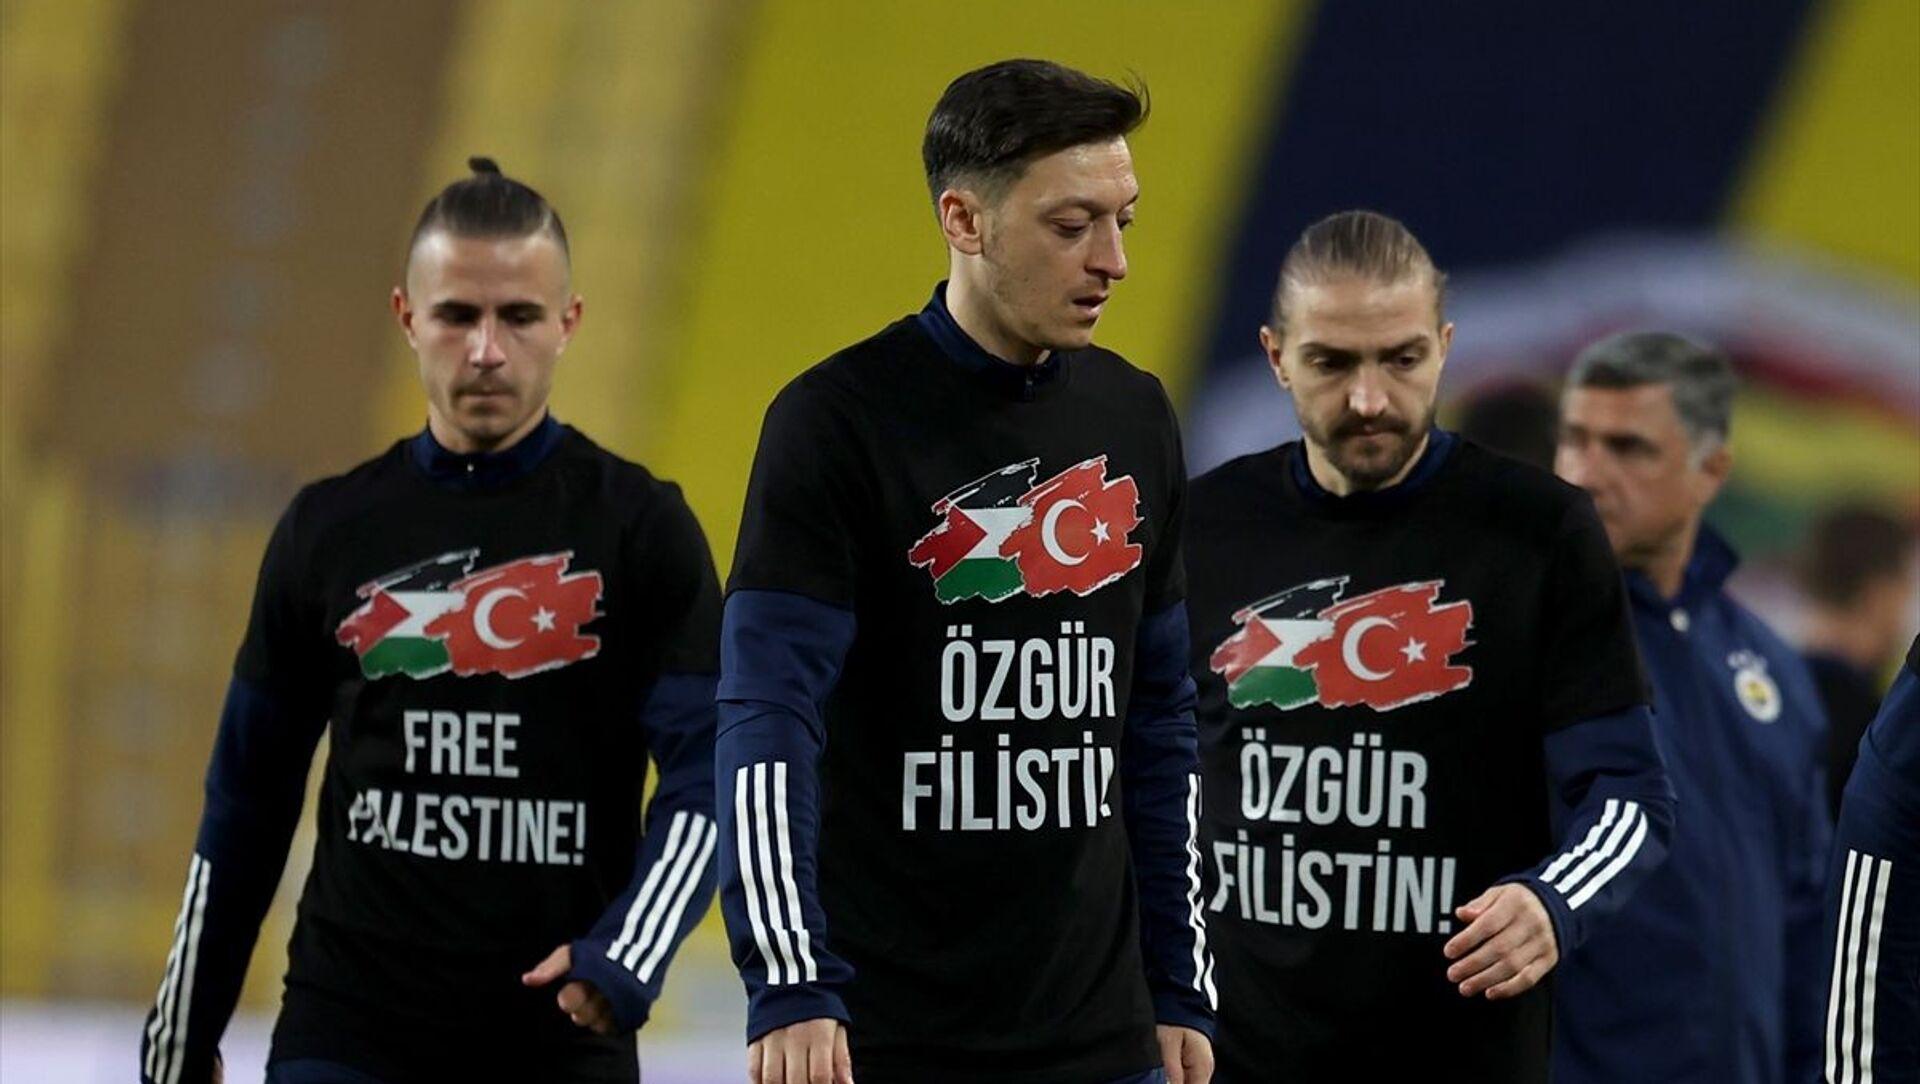 Fenerbahçe-Sivasspor maçında Filistin unutulmadı - Sputnik Türkiye, 1920, 11.05.2021